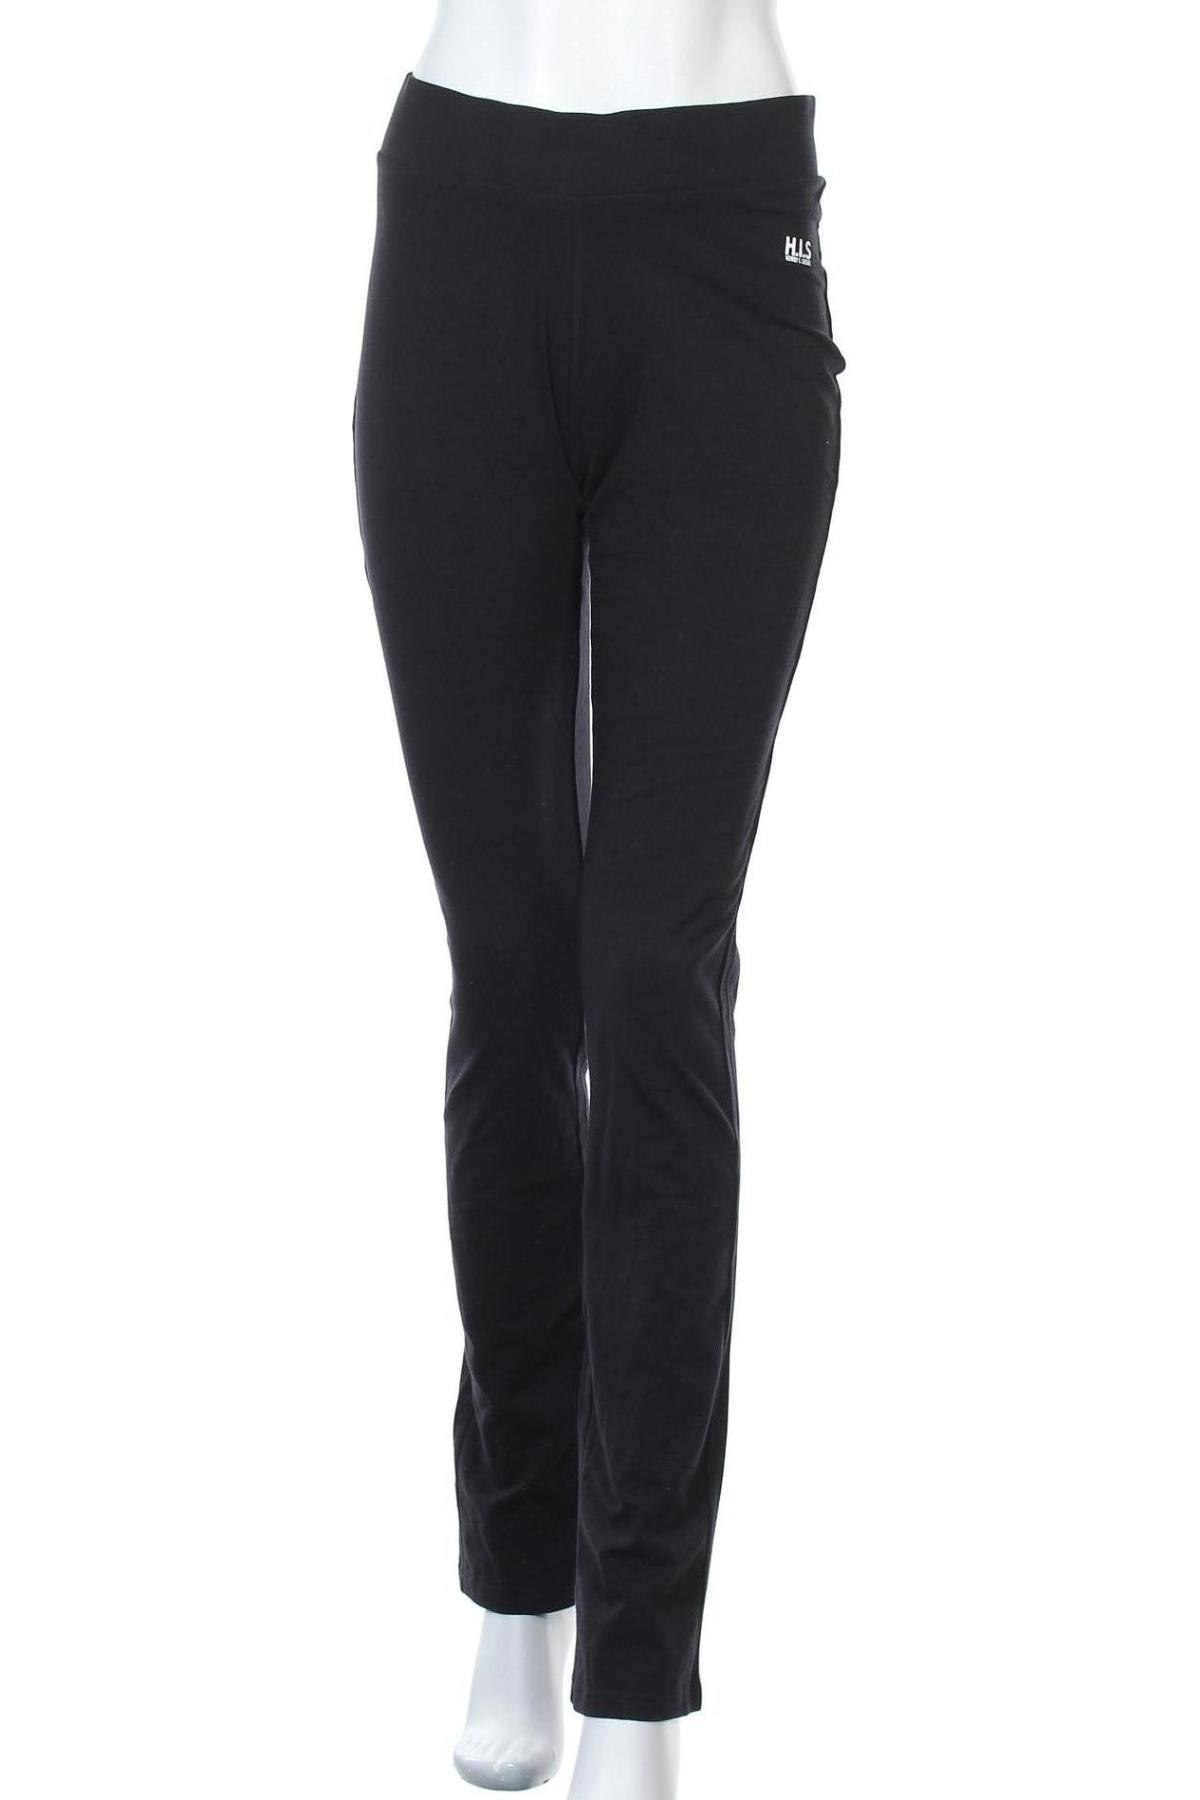 Дамско спортно долнище H.i.s, Размер L, Цвят Черен, 95% памук, 5% еластан, Цена 44,25лв.